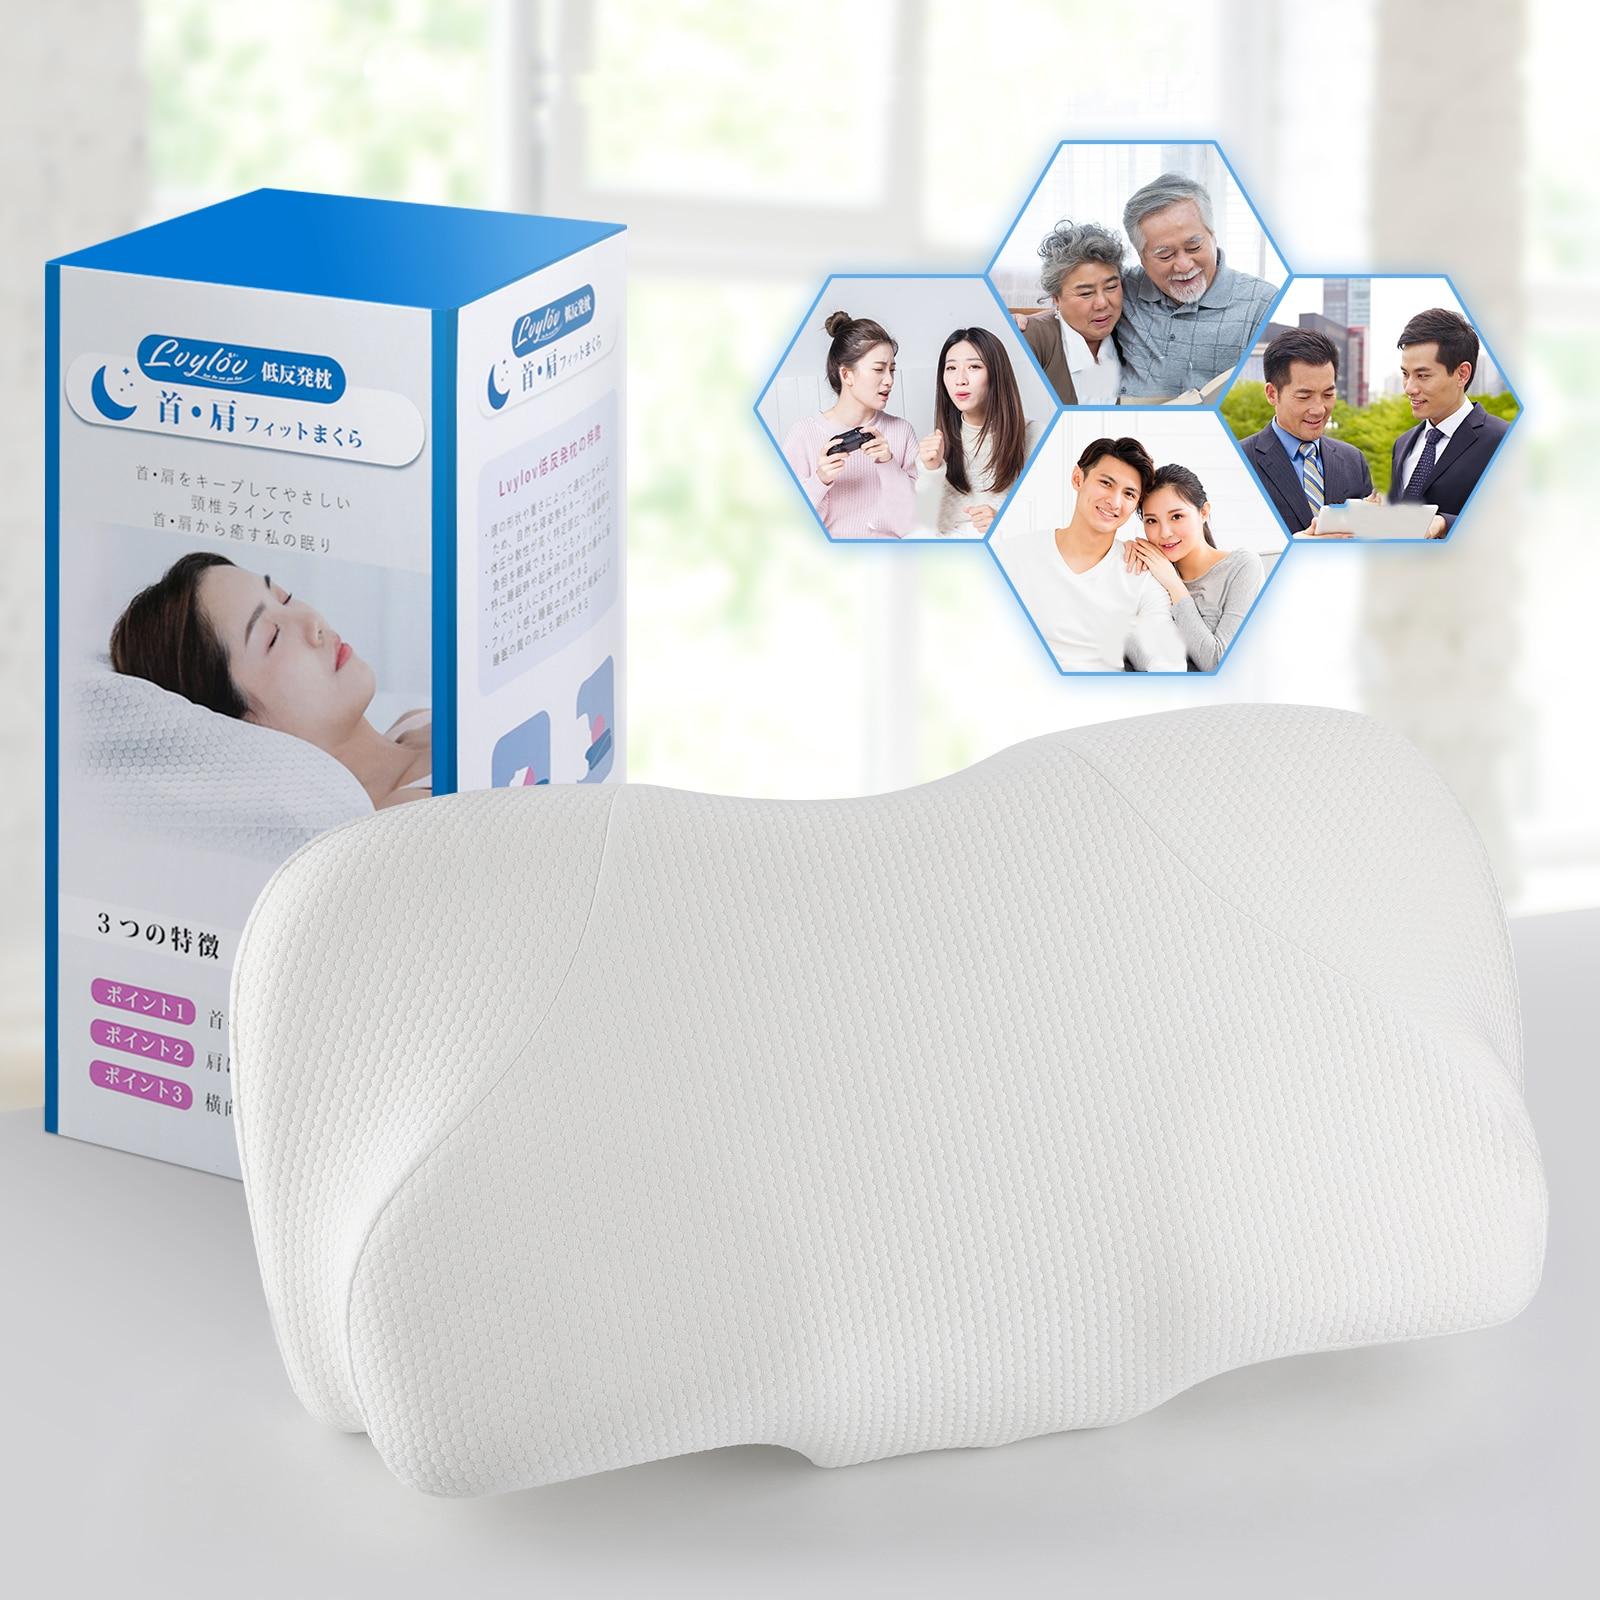 13 سنتيمتر Contour رغوة الذاكرة وسادة عنق الرحم العظام آلام الرقبة وسادة ل الجانب الخلفي المعدة النائم الوسائد العلاجية